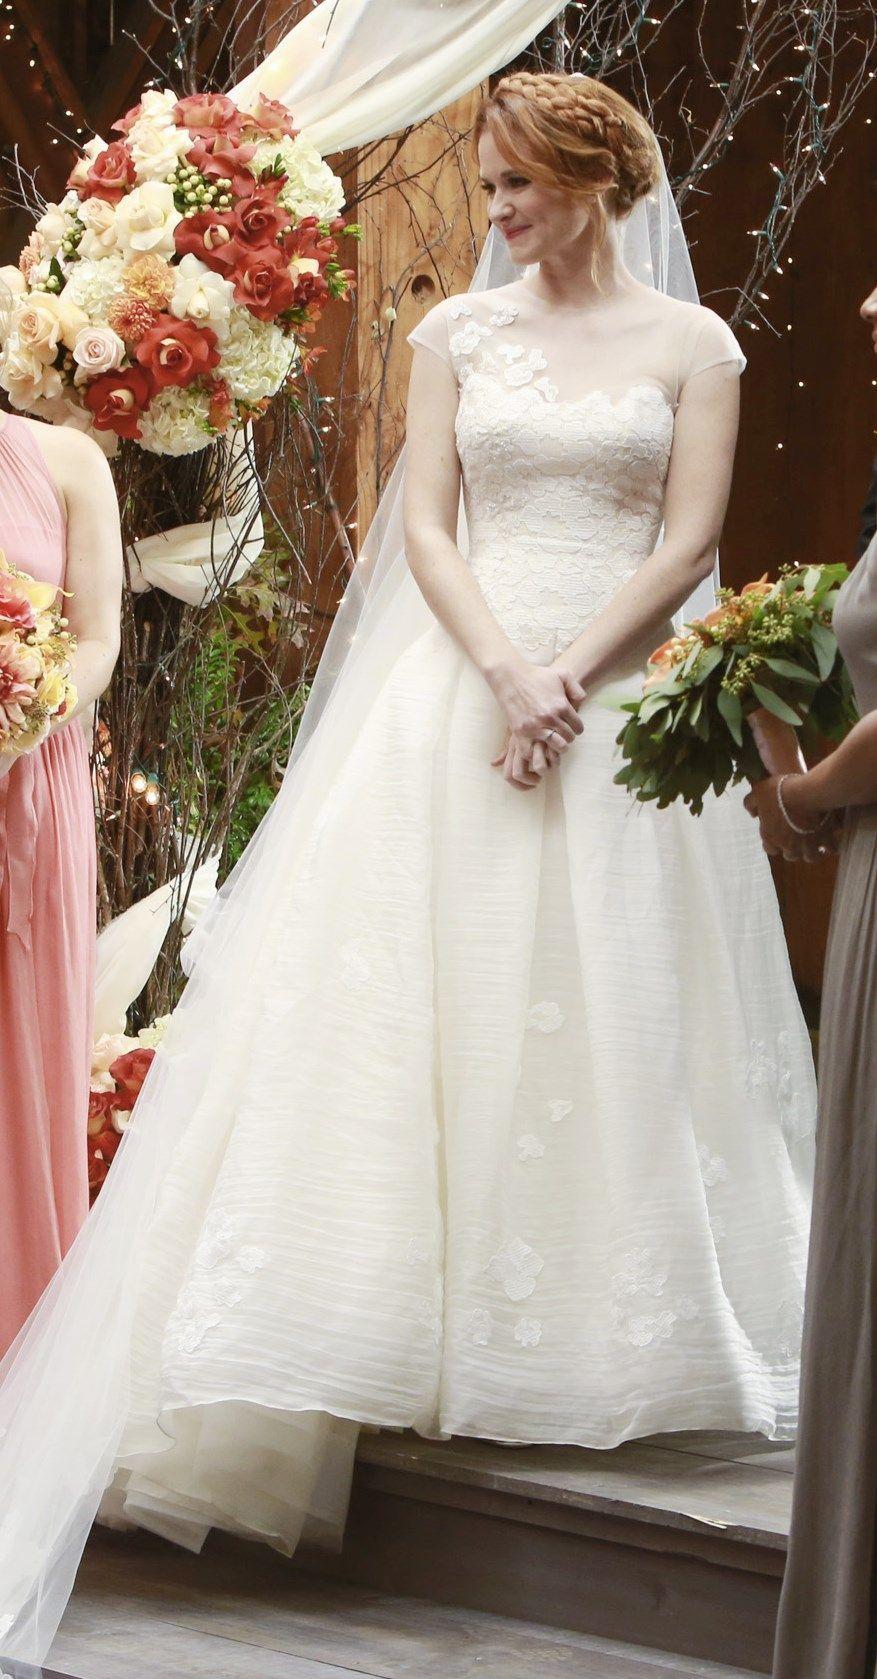 April Kepner Wedding Dress  Vestidos de noiva dos sonhos